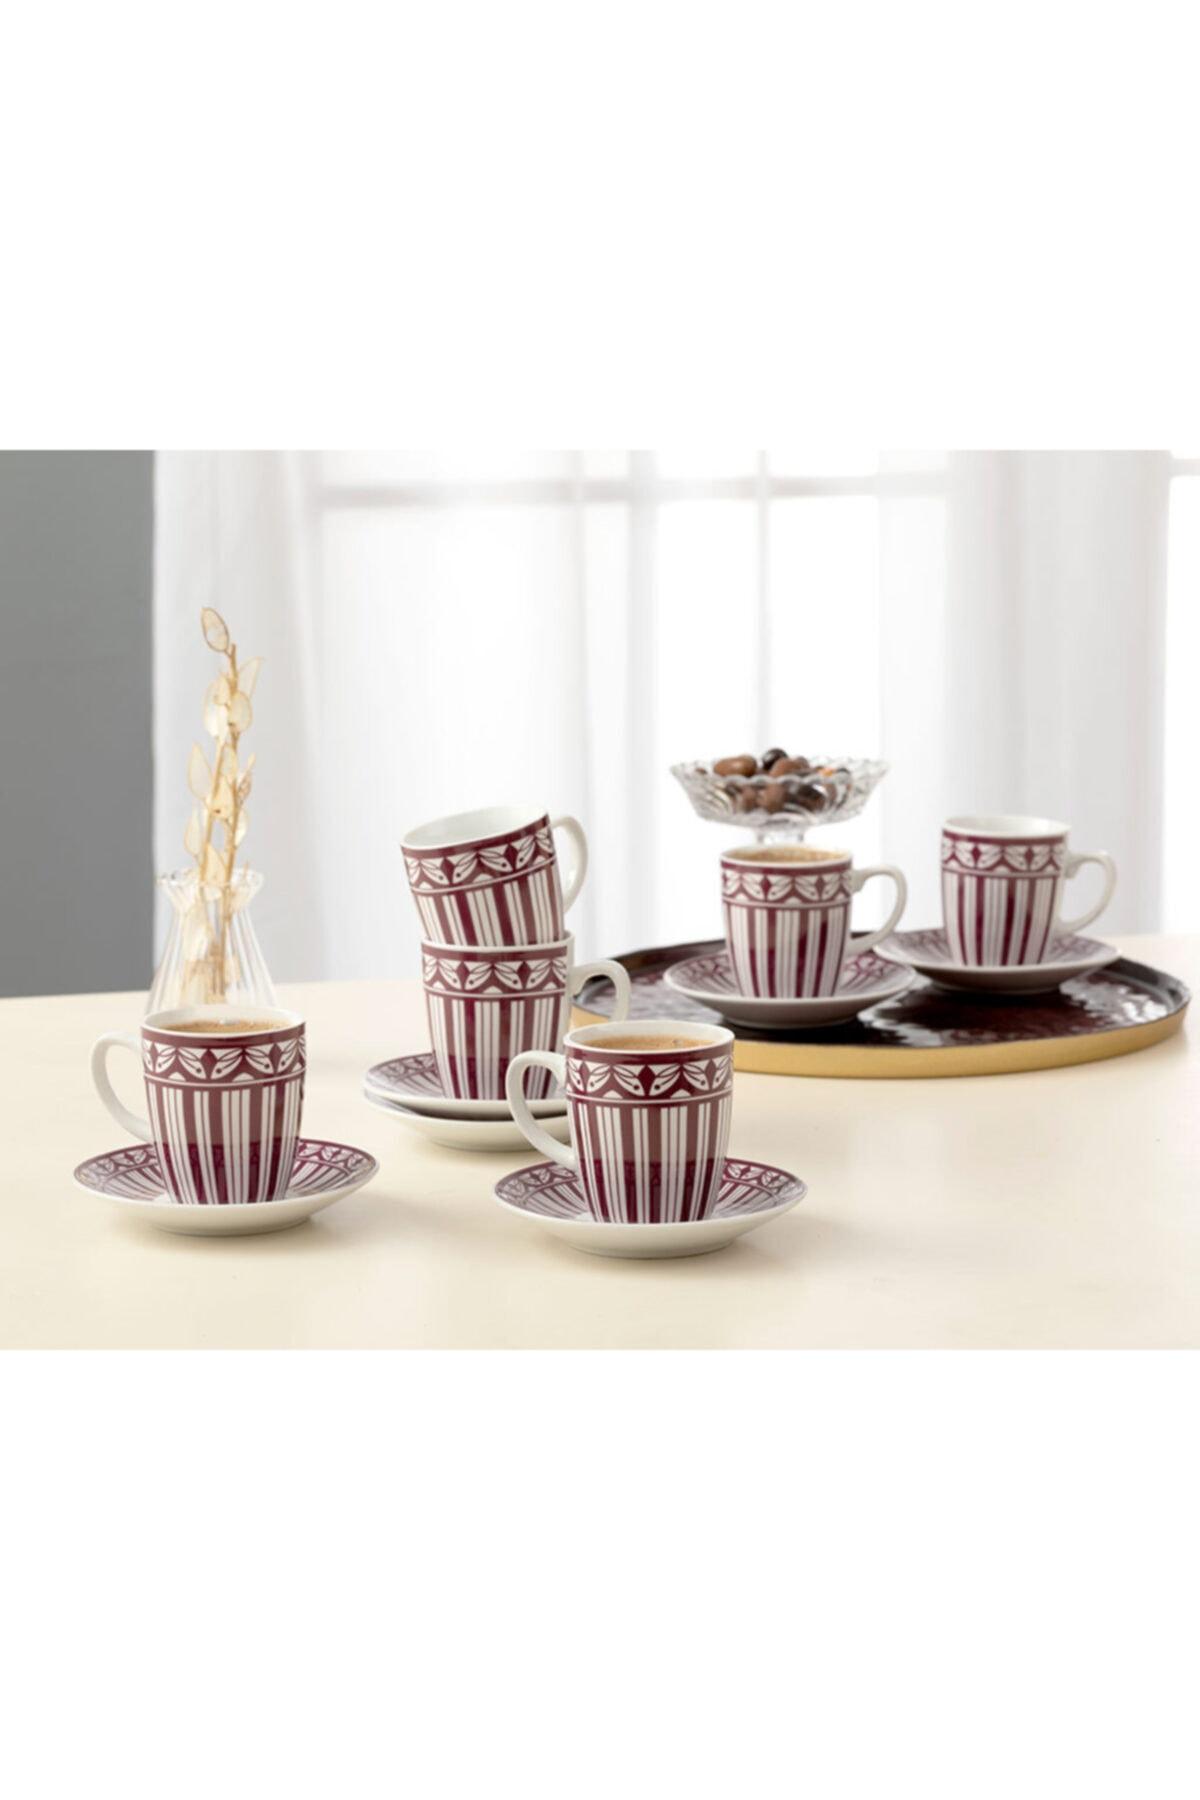 English Home Galio Porselen 12 Parça Kahve Fincan Takımı 100 ml Mor 2